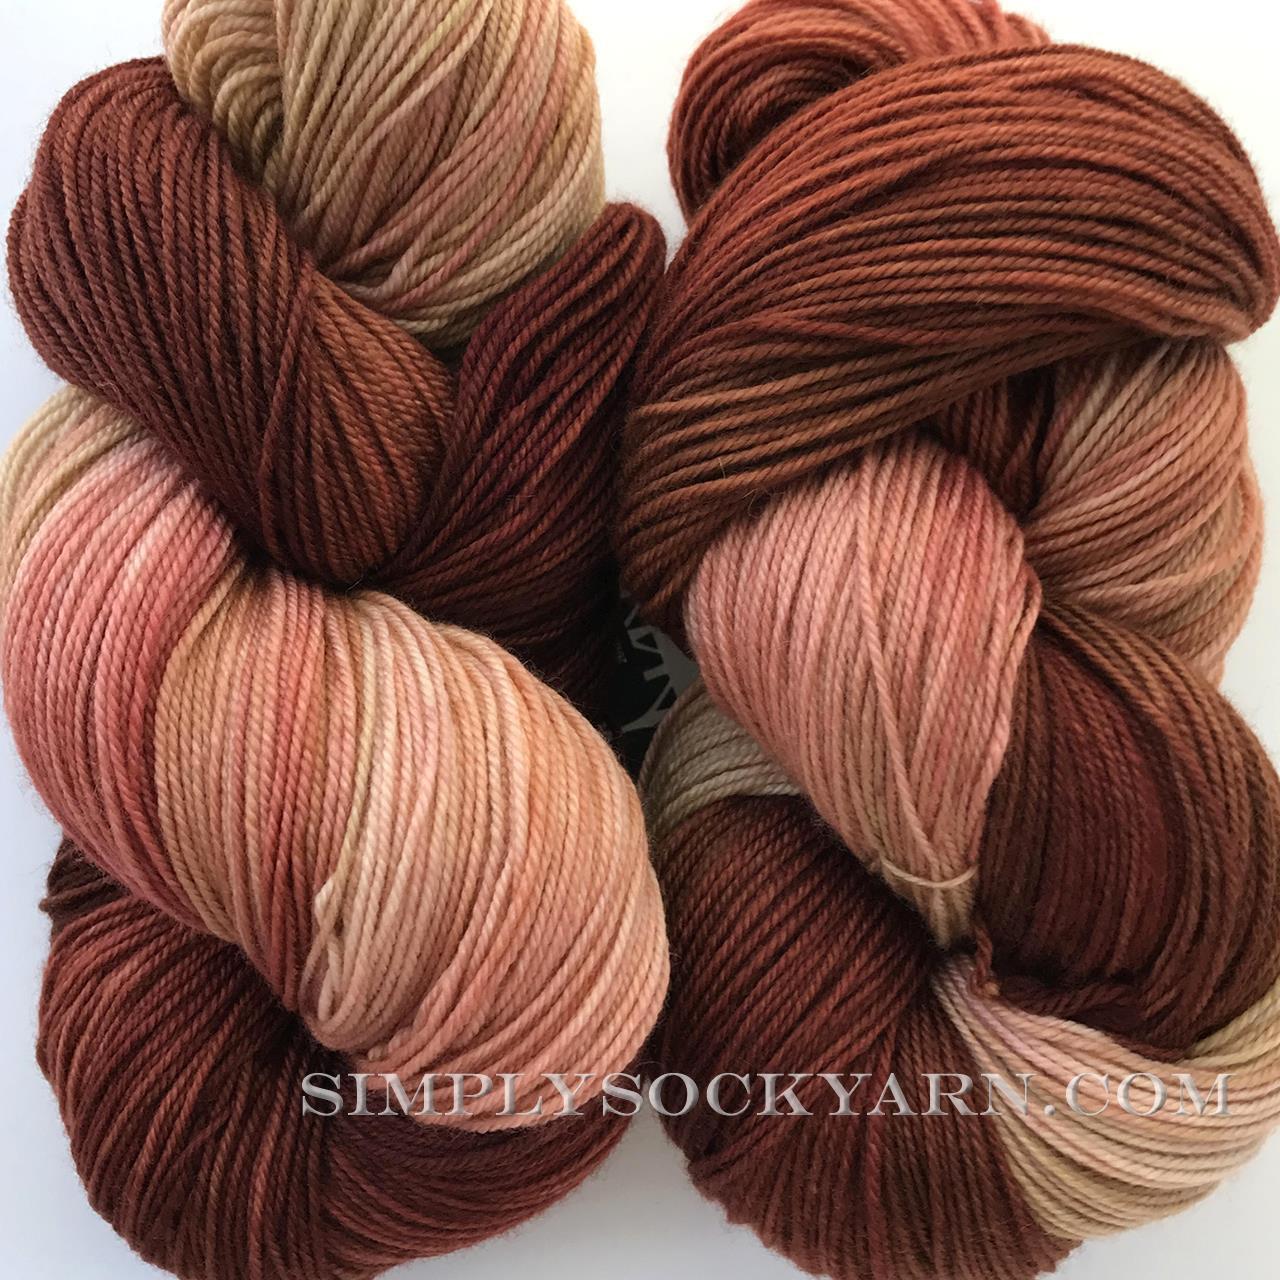 FA HM Casbah Cinnamon -